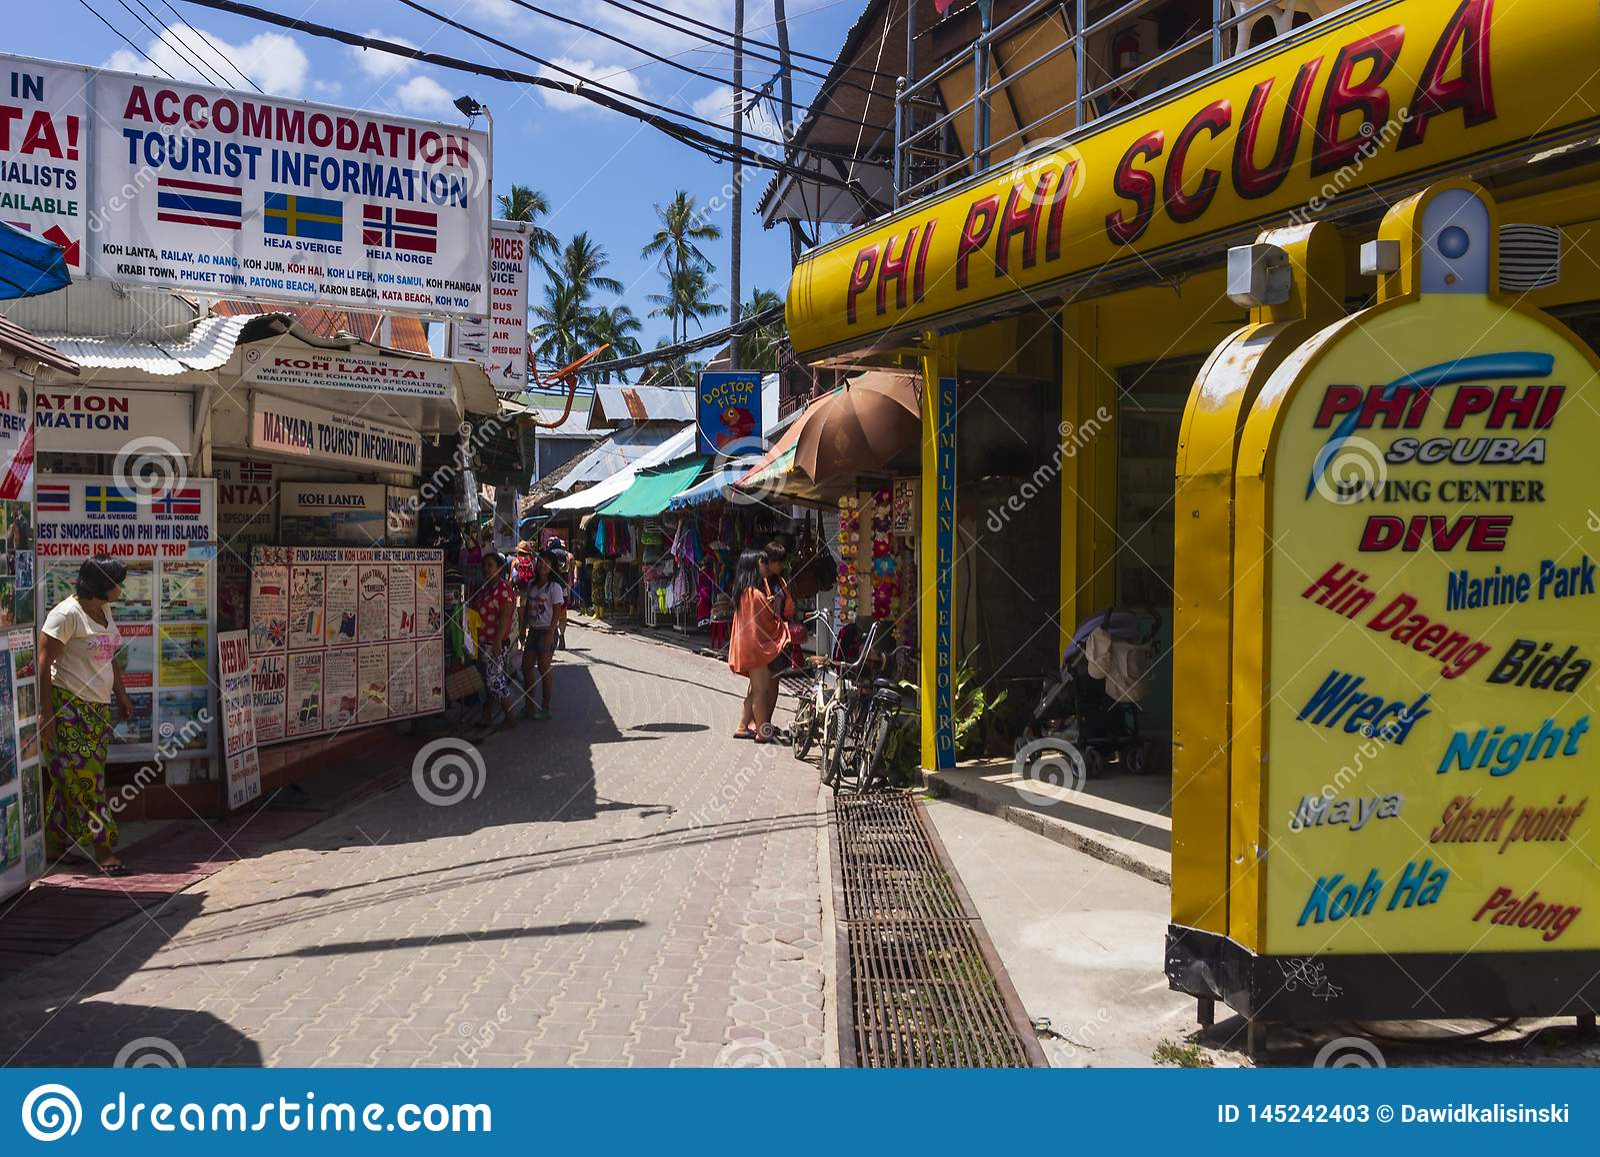 Phi Phi Island, centro de ciudad, Tailandia, marzo de 2013 centro del equipo de submarinismo e información turística